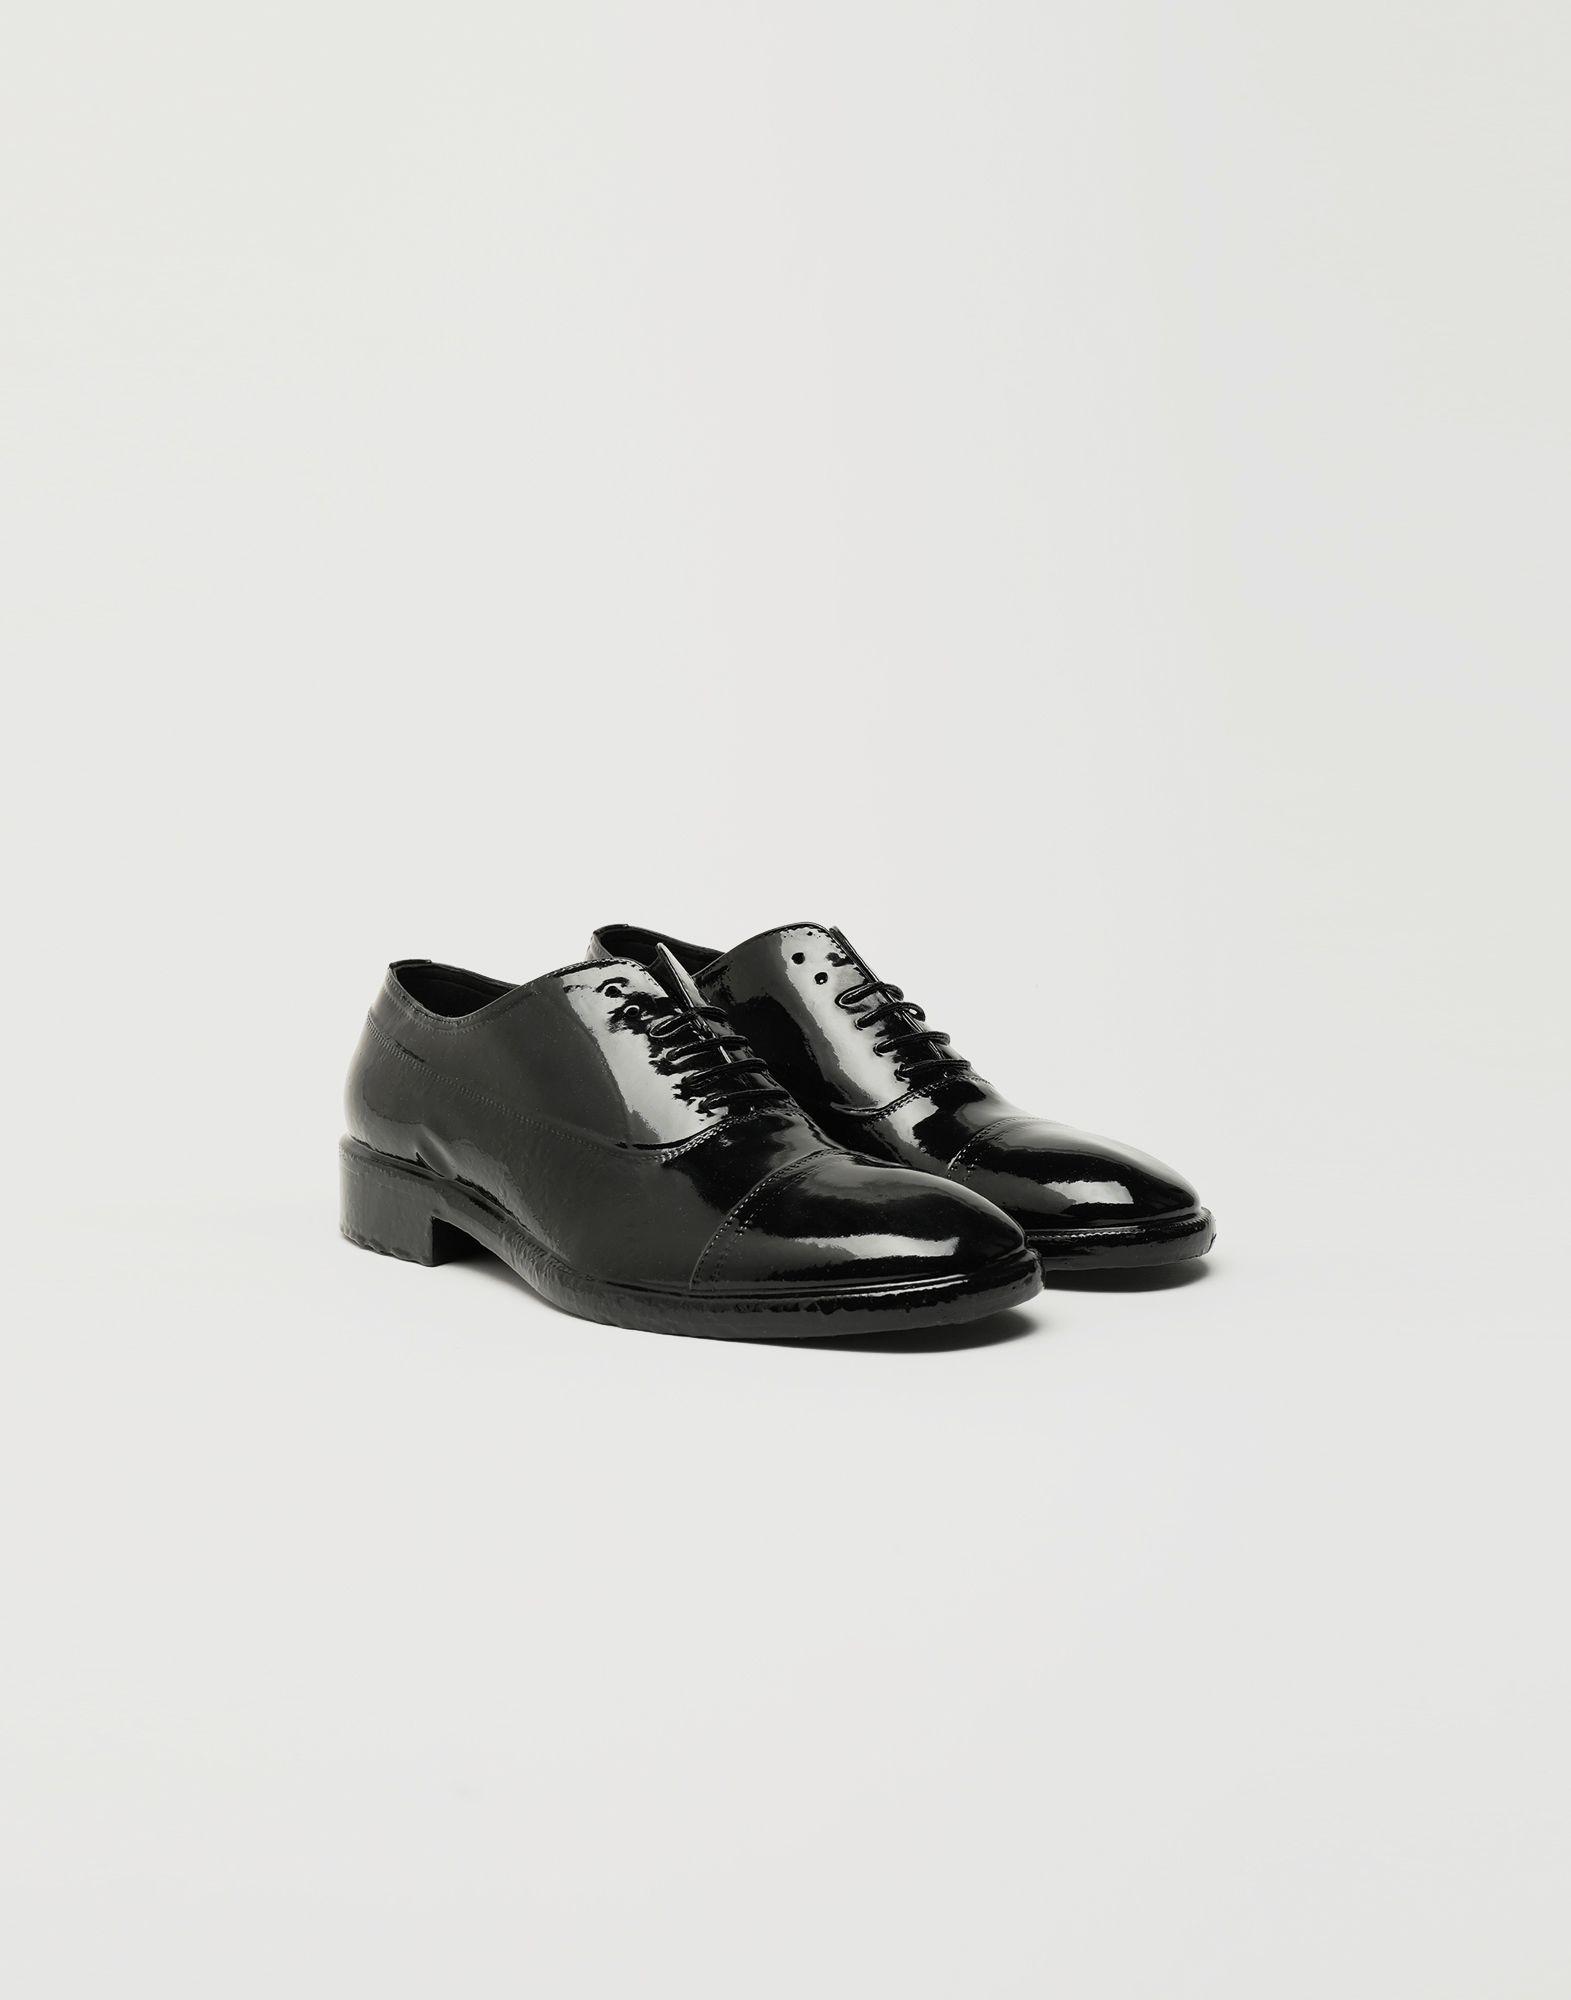 MAISON MARGIELA Plastic Casting Treatment lace-up shoes Laced shoes Man r